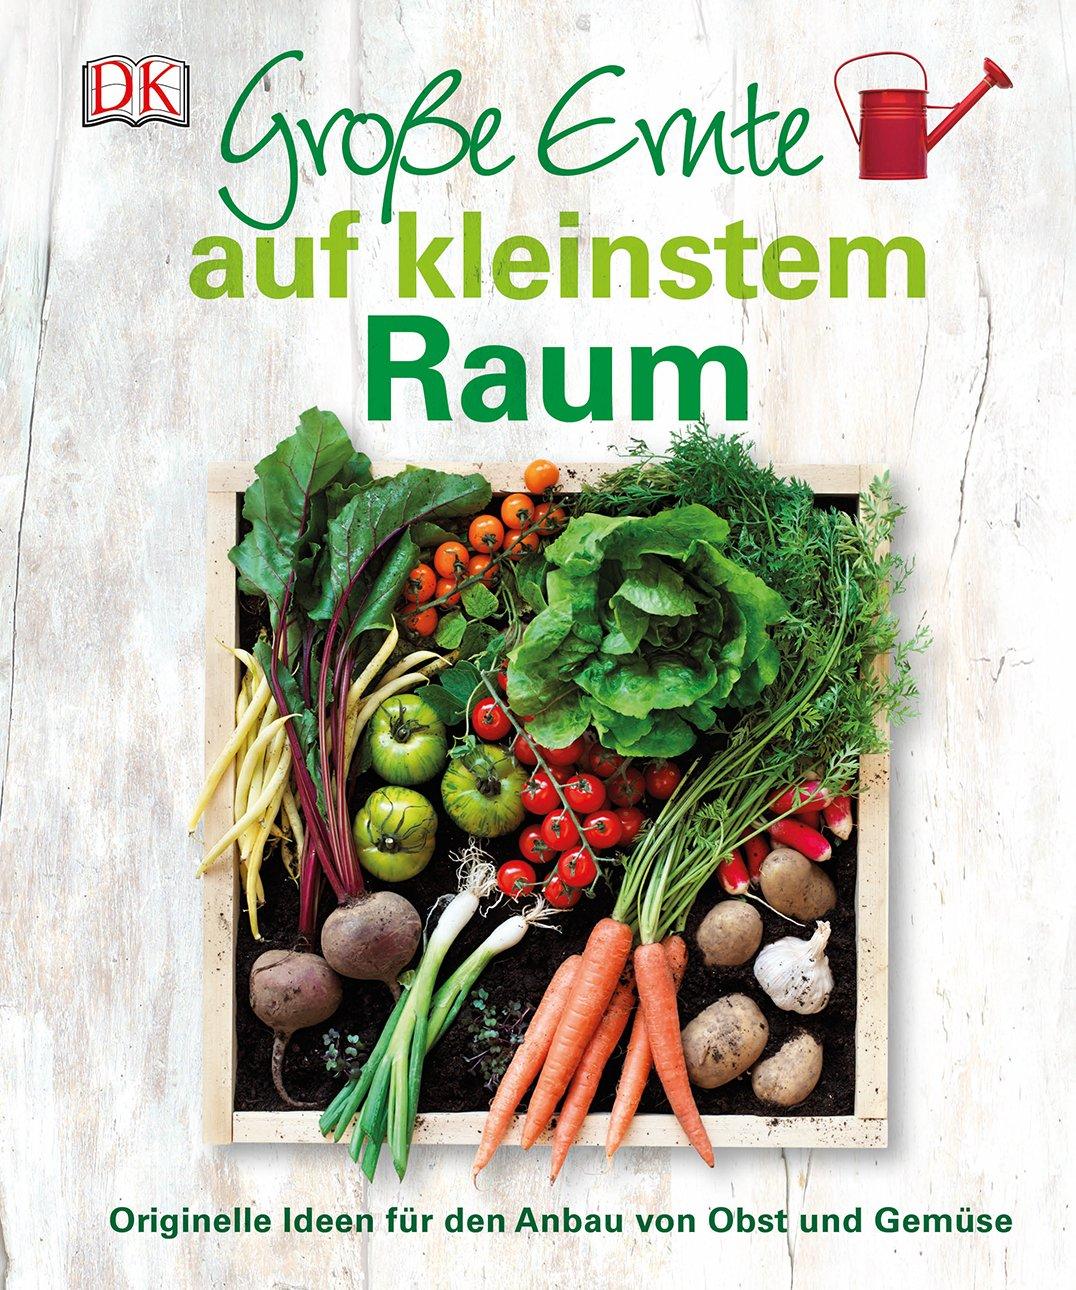 Große Ernte Auf Kleinstem Raum  Originelle Ideen Für Den Anbau Von Obst Und Gemüse